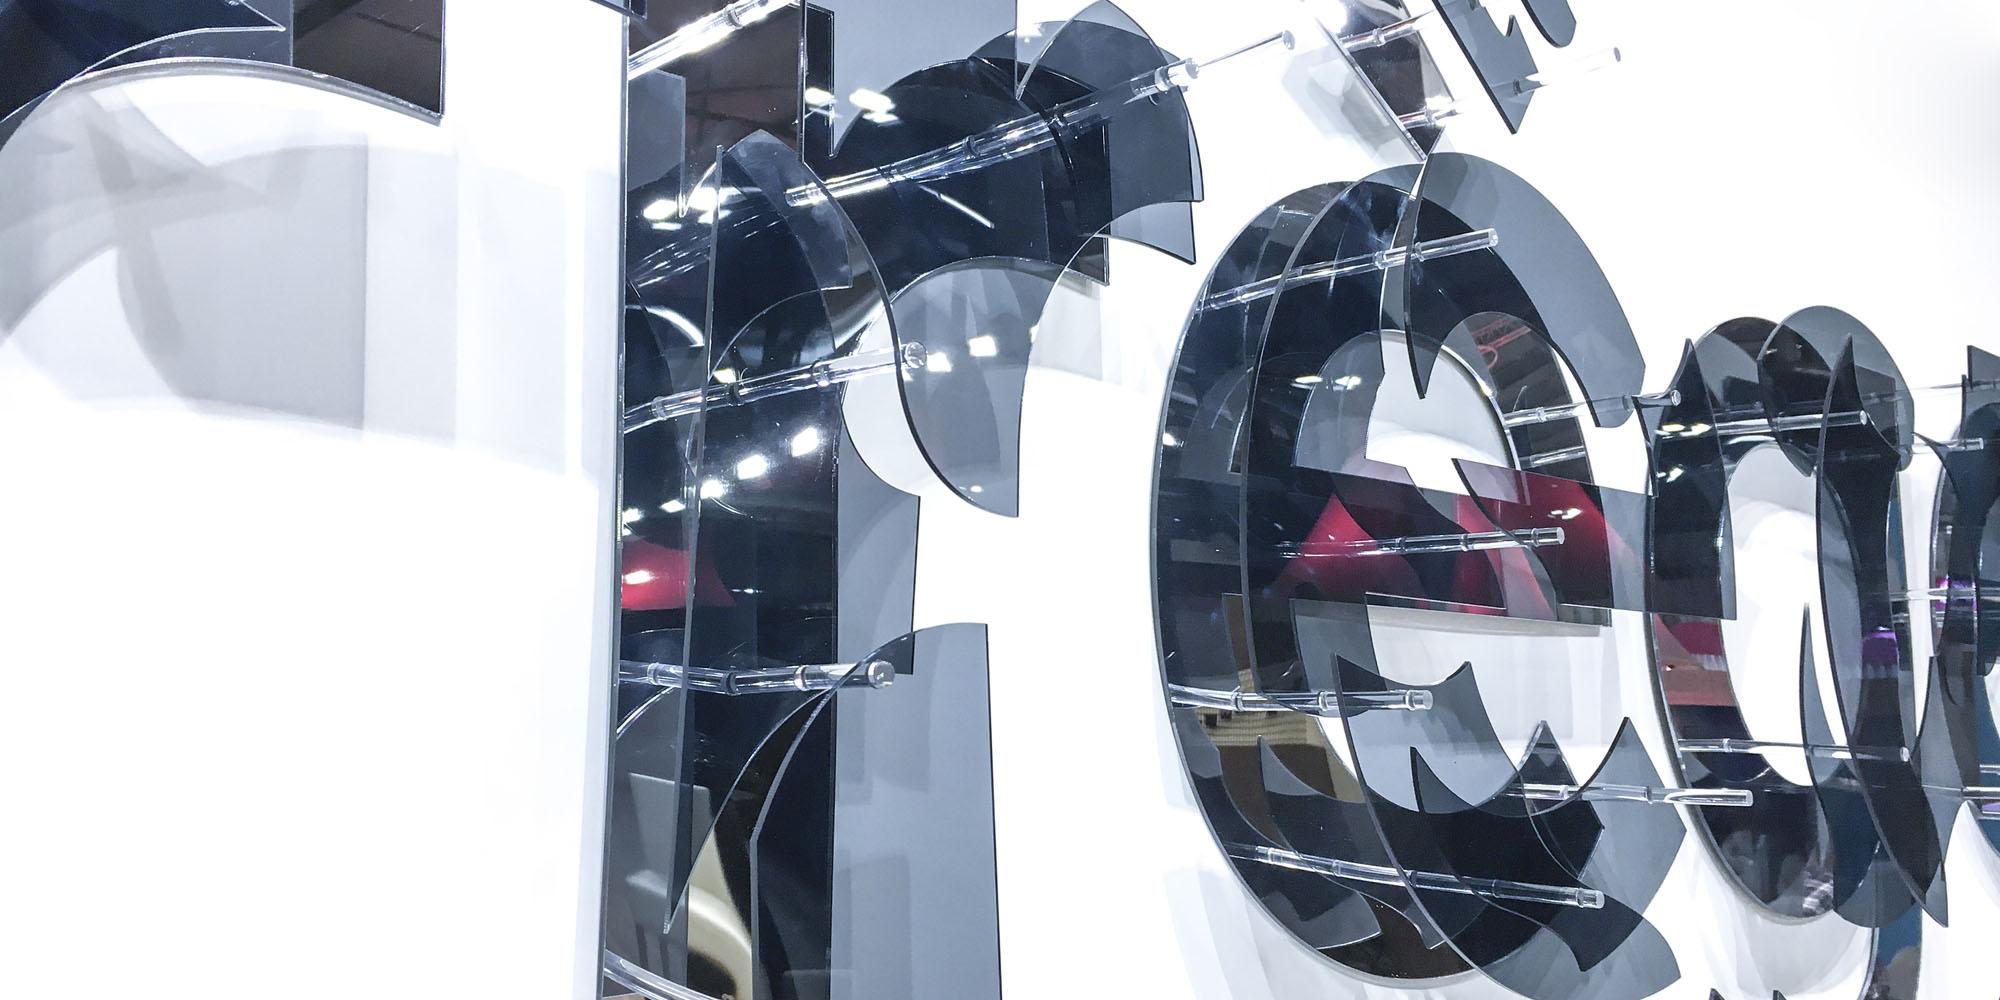 décomposition Courrèges en pièces de plexiglas noir translucide et miroir inspirées du motif de la collection lunettes 2017 de la marque: réalisation d'une enseigne de 4 mètres de long destinée à orner le stand de la marque sur le Mido Eyewear Show à Milan